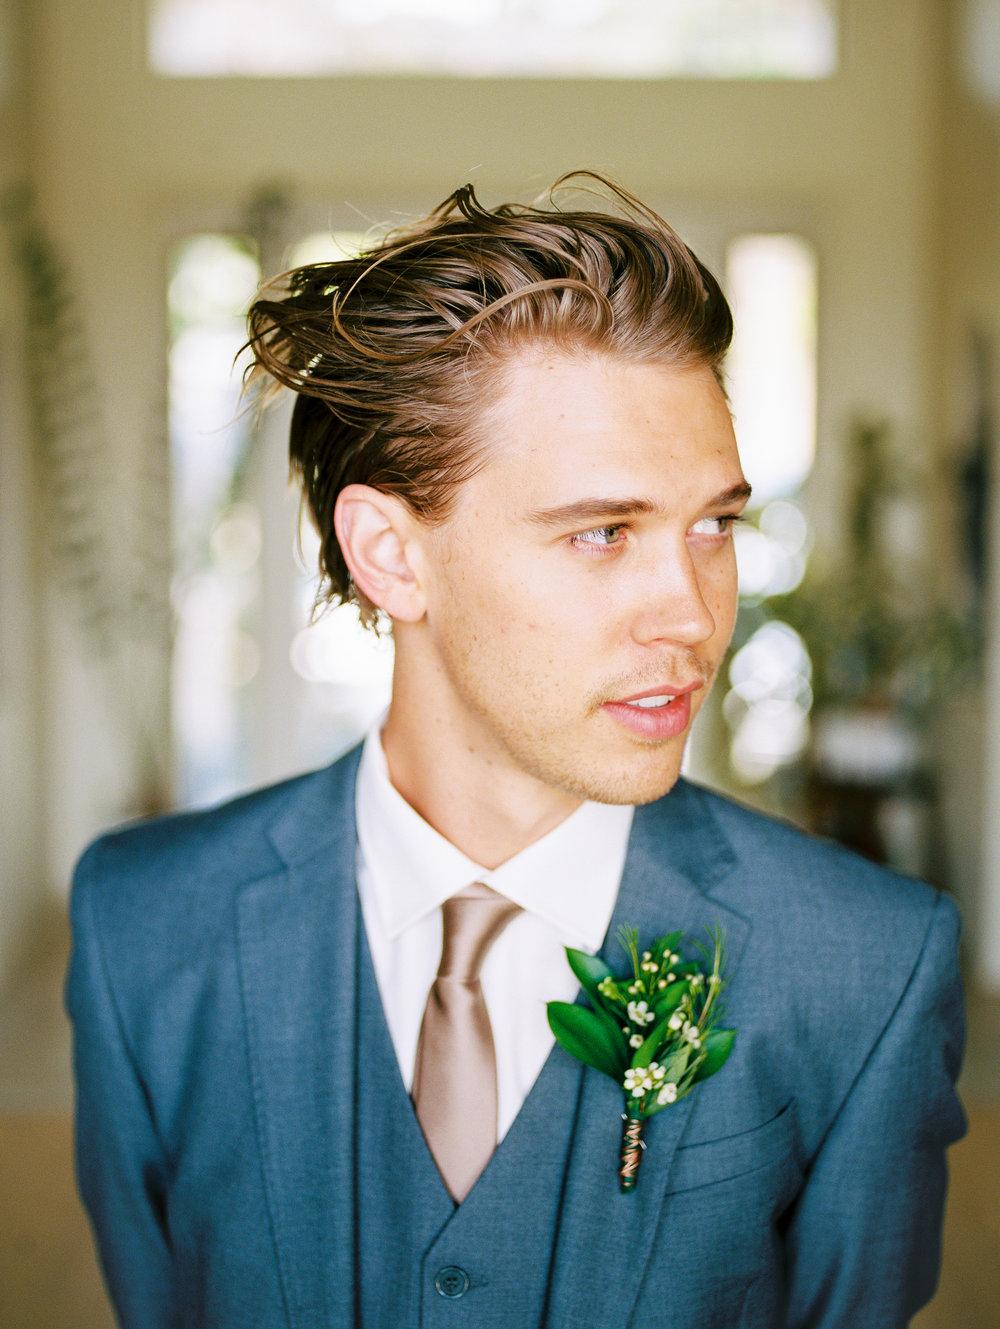 dennisroycoronel_ashleyanthony_vanessahudgens_austinbutler_wedding_losangeles_photographer-53.jpg